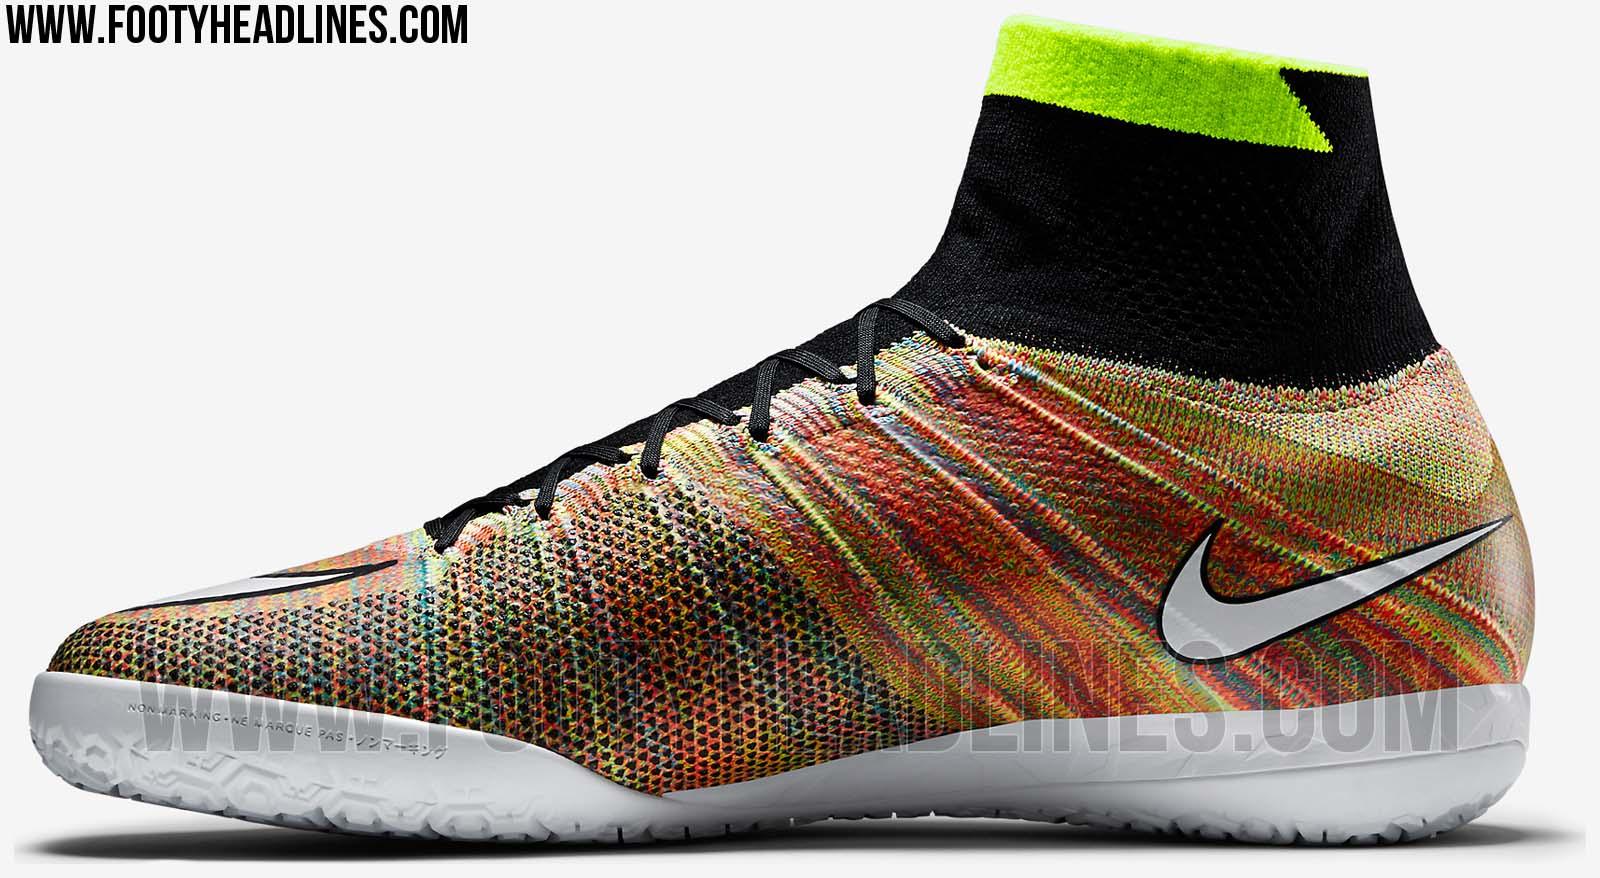 Salle Nike Mercurial Chaussure Foot Mercurial Chaussure Salle Foot Nike Chaussure Foot nOvym8PN0w